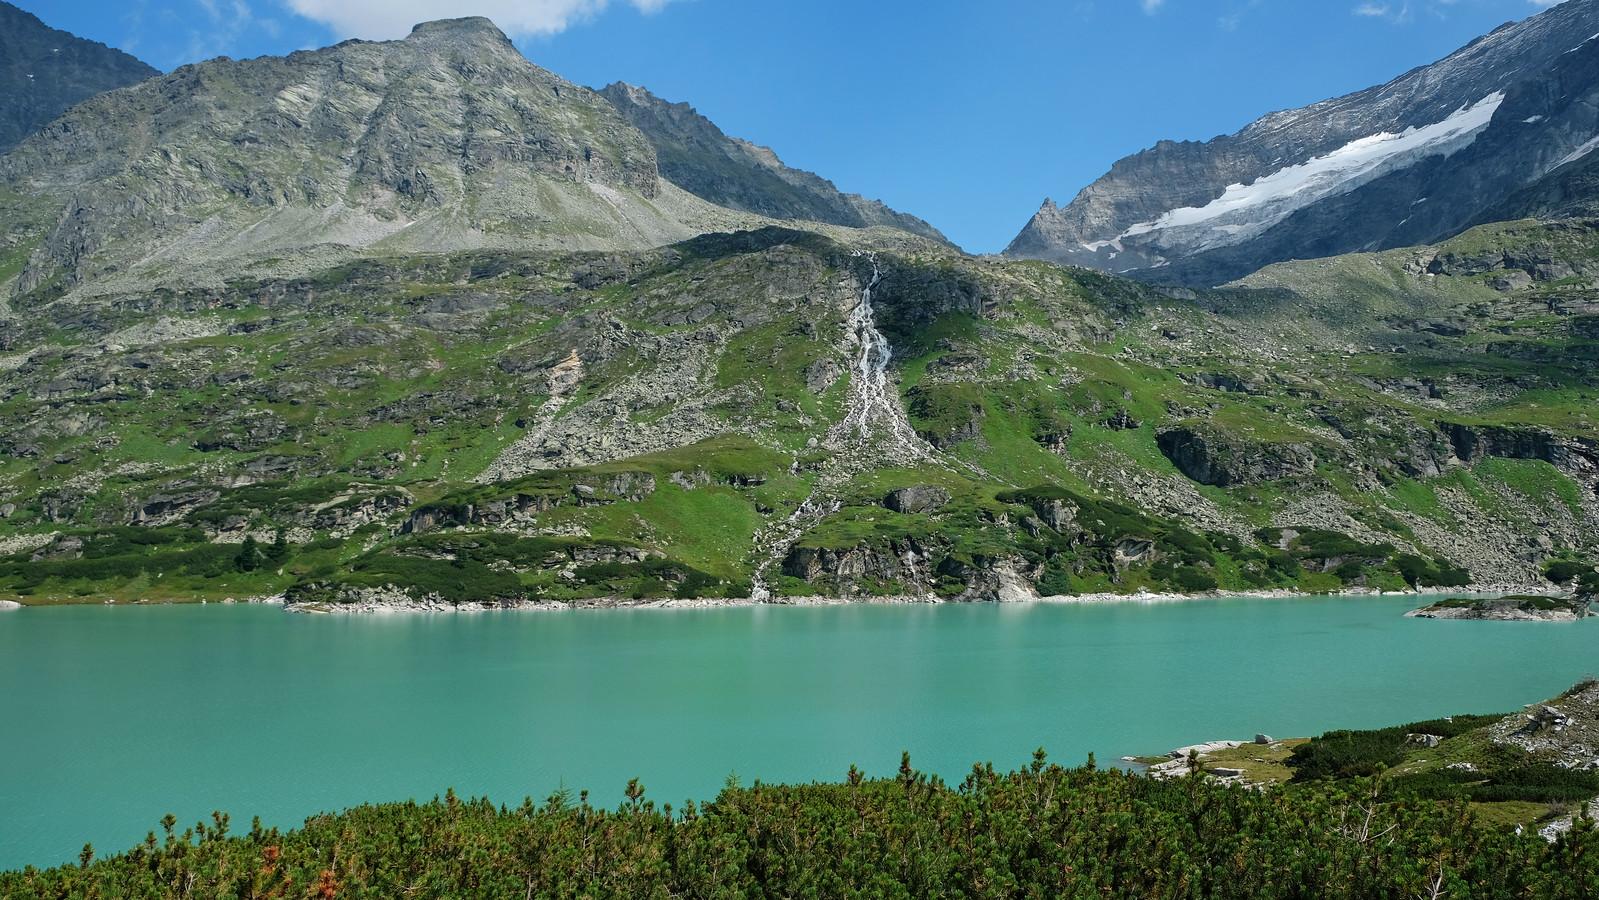 Tauernmoossee, Weisssee Glacier World, Austria